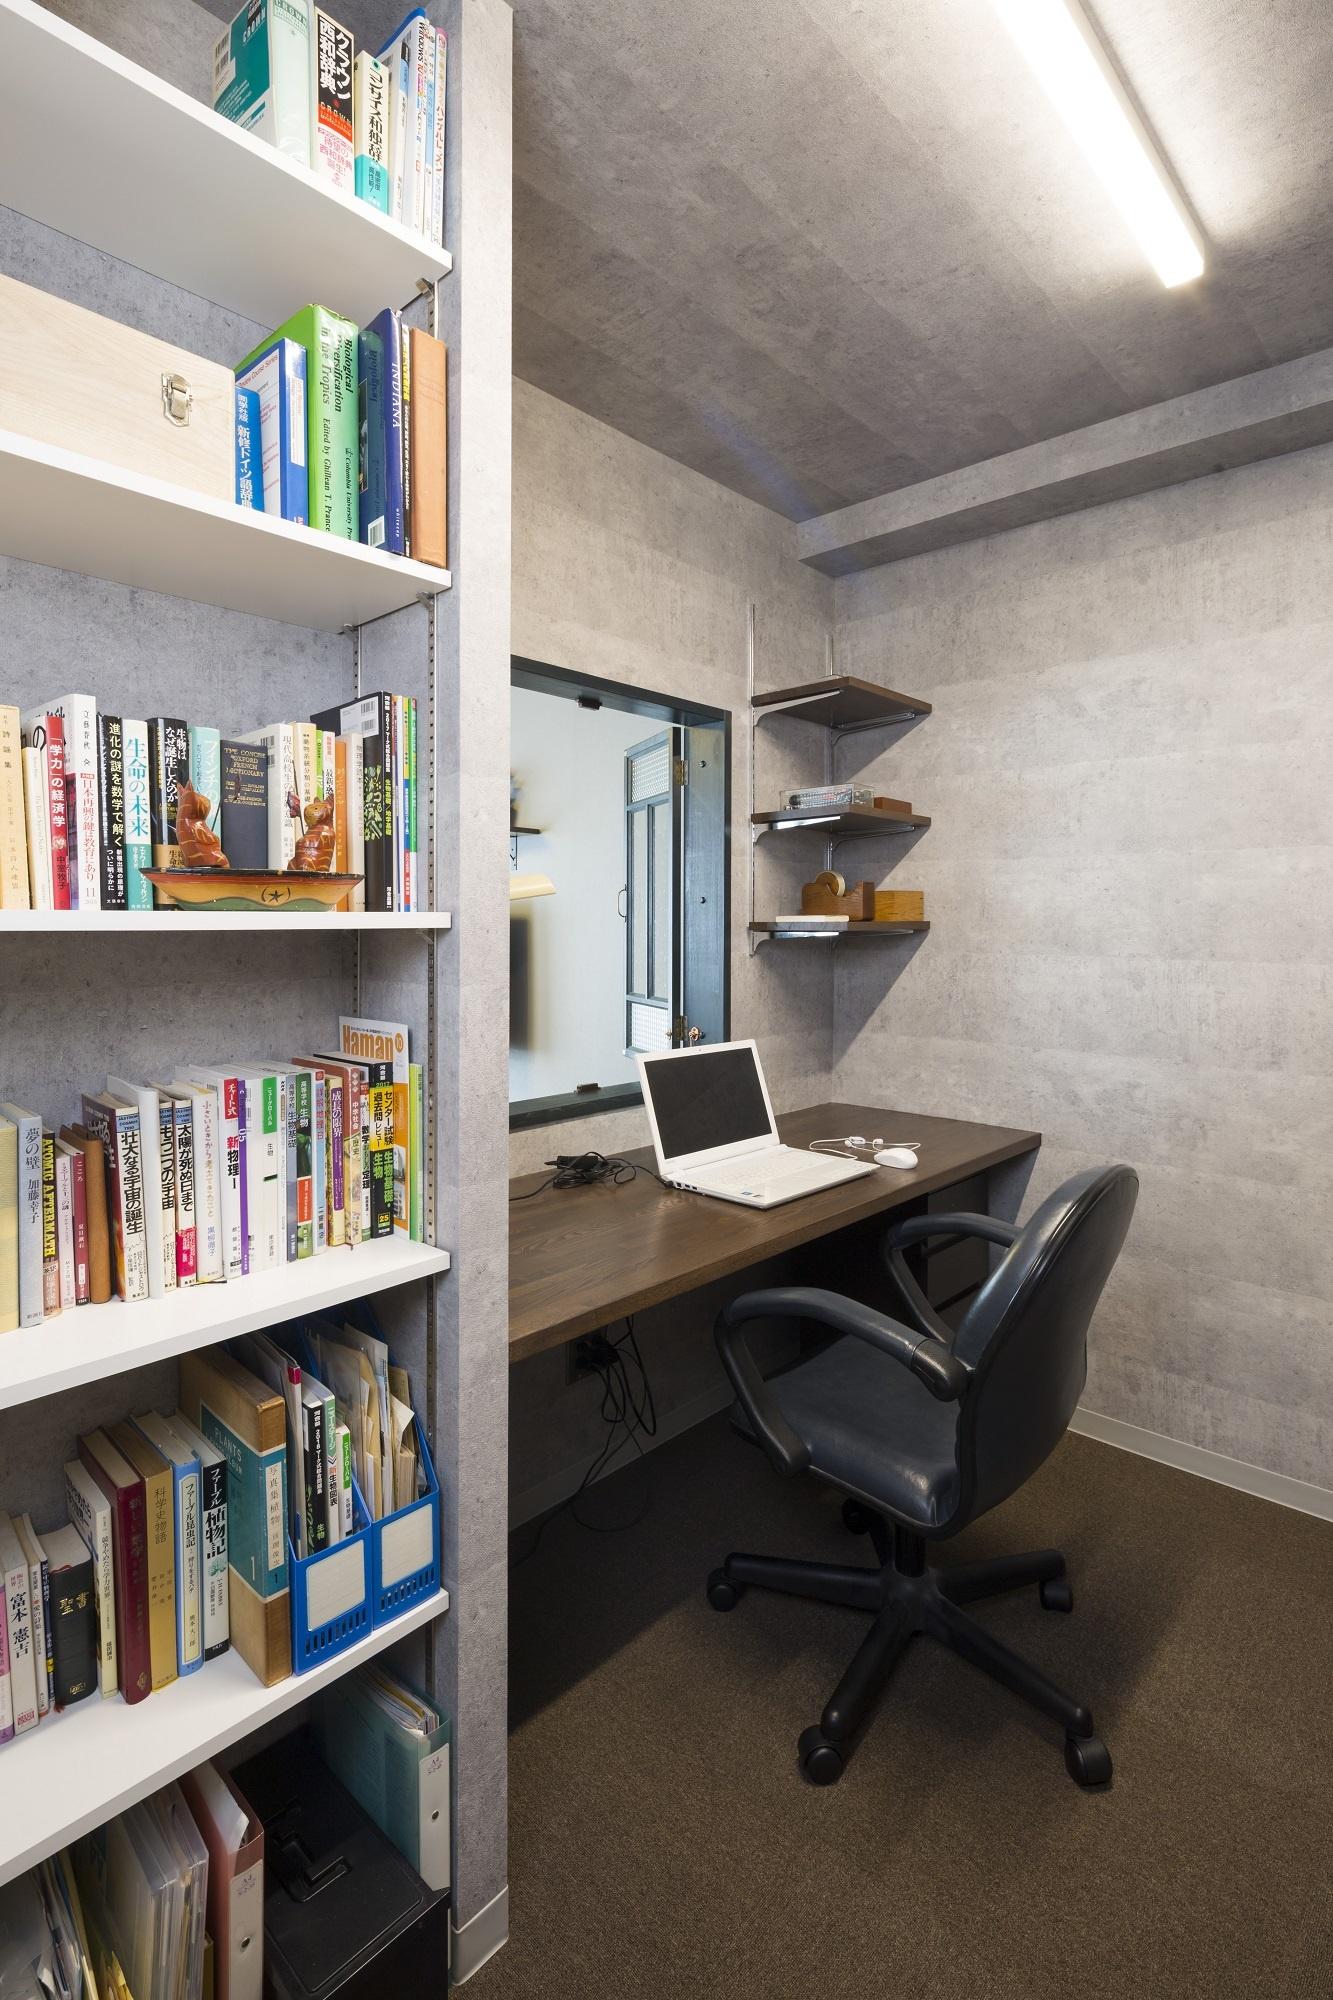 「ちょっとした運動もできる広さです」というご主人の書斎。ネットや読書などに集中していると、「お茶ですよ〜」と窓から奥さまが顔を出すことも